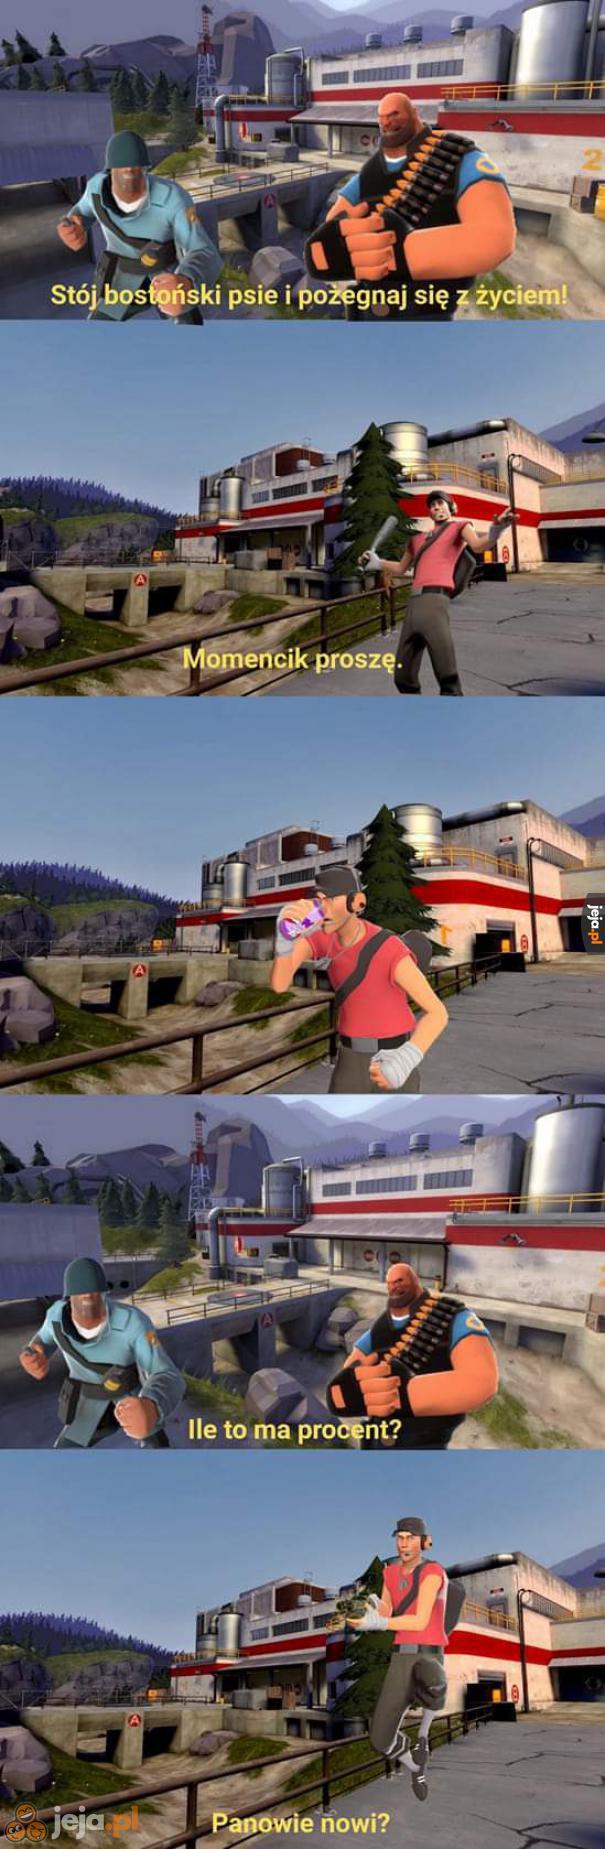 Asterix i Obelix + Team Fortress 2